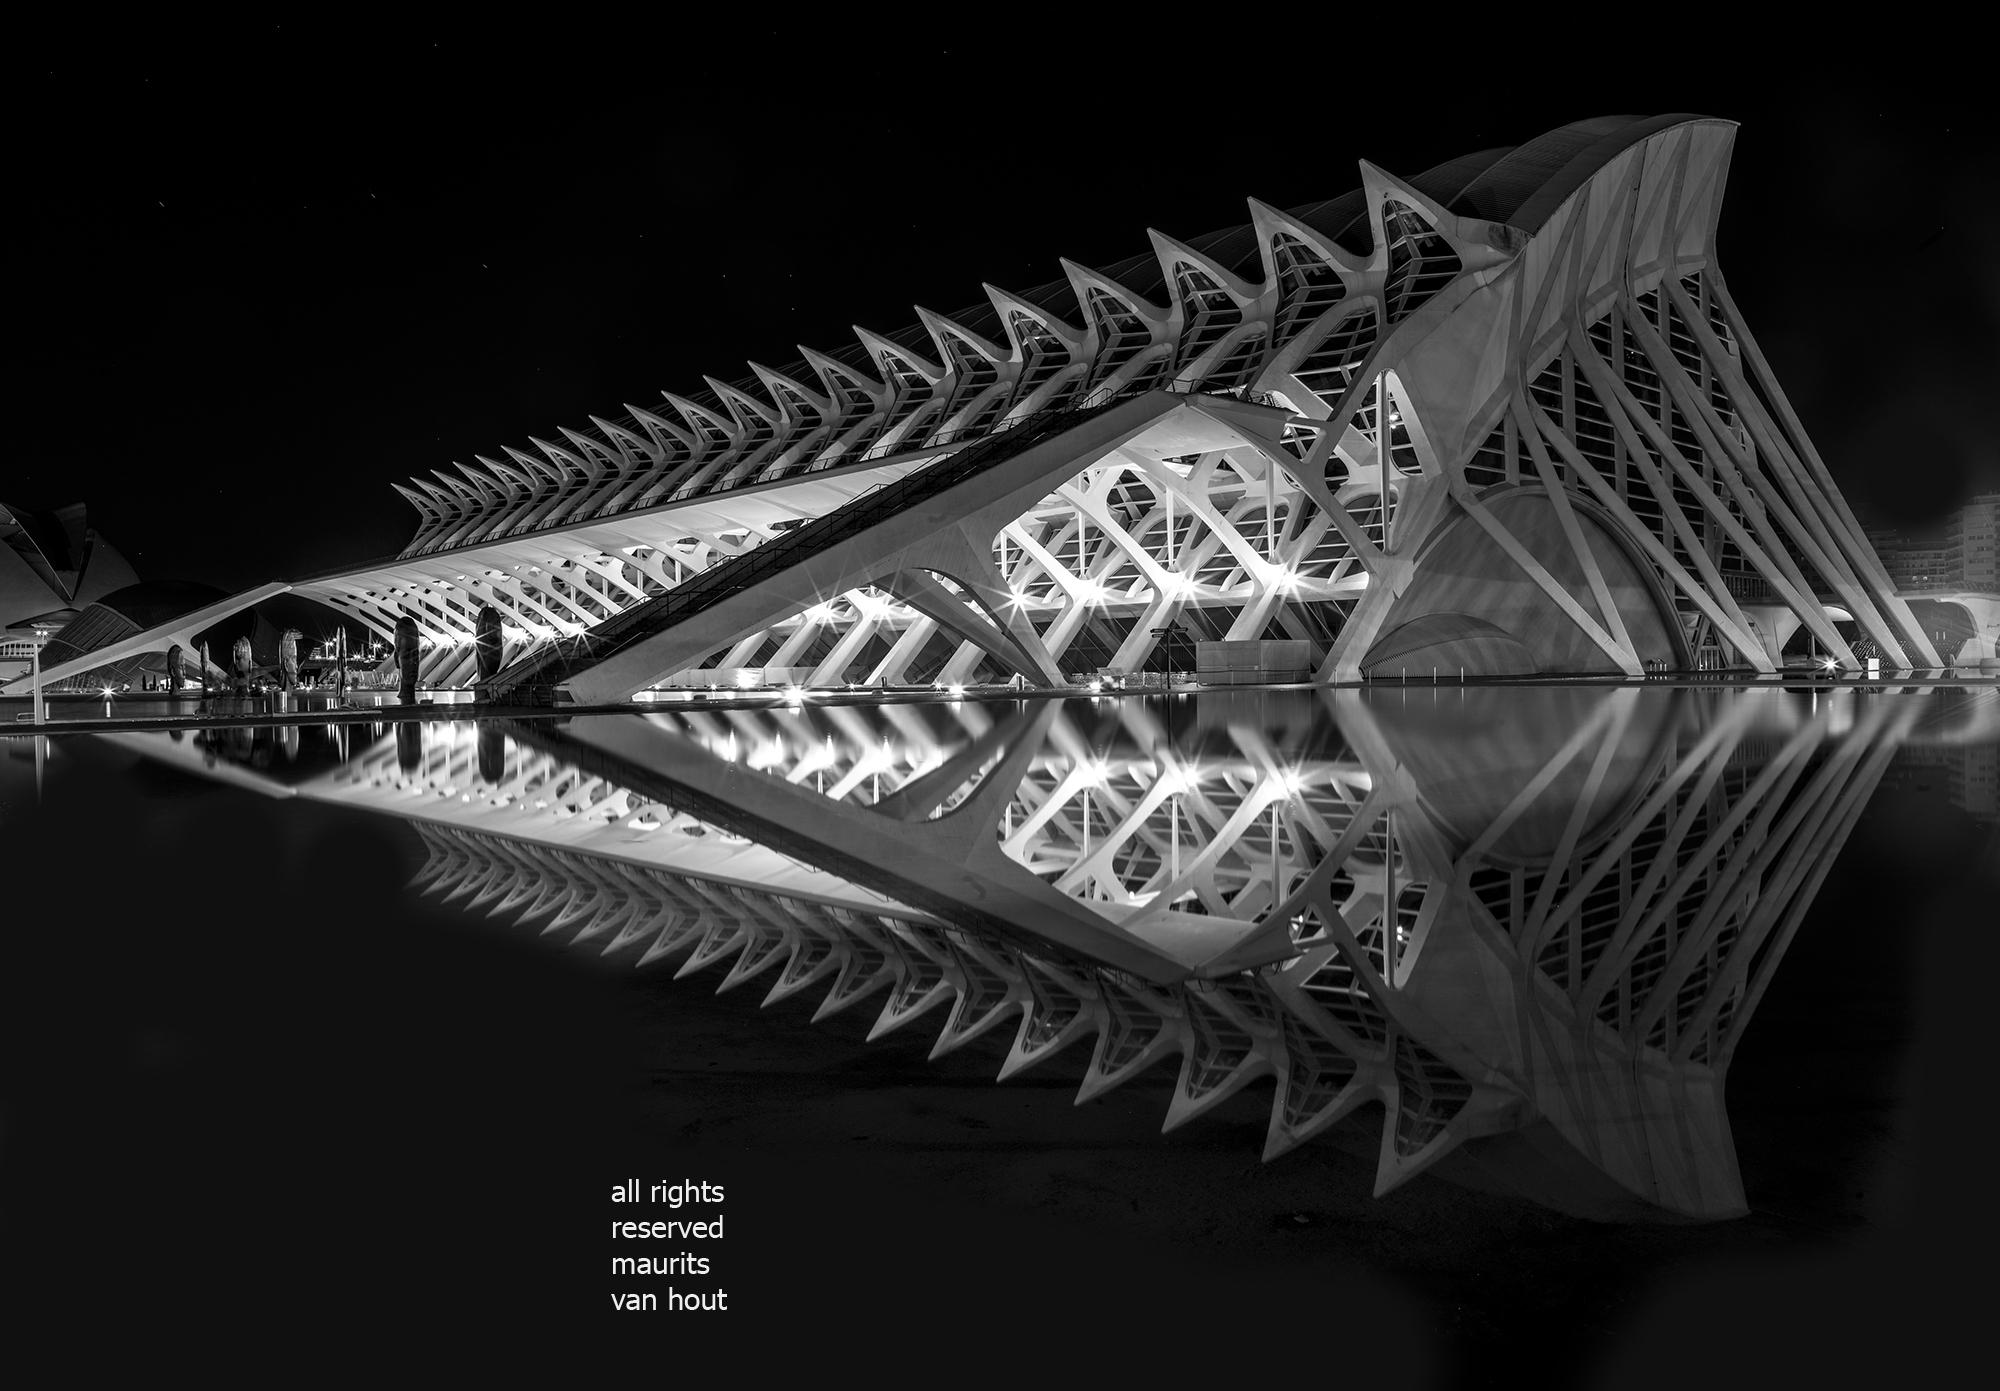 Architectuur van Santiago Calatrava in Valencia, door architectuurfotograaf Maurits van Hout uit Den Haag (Rijswijk)